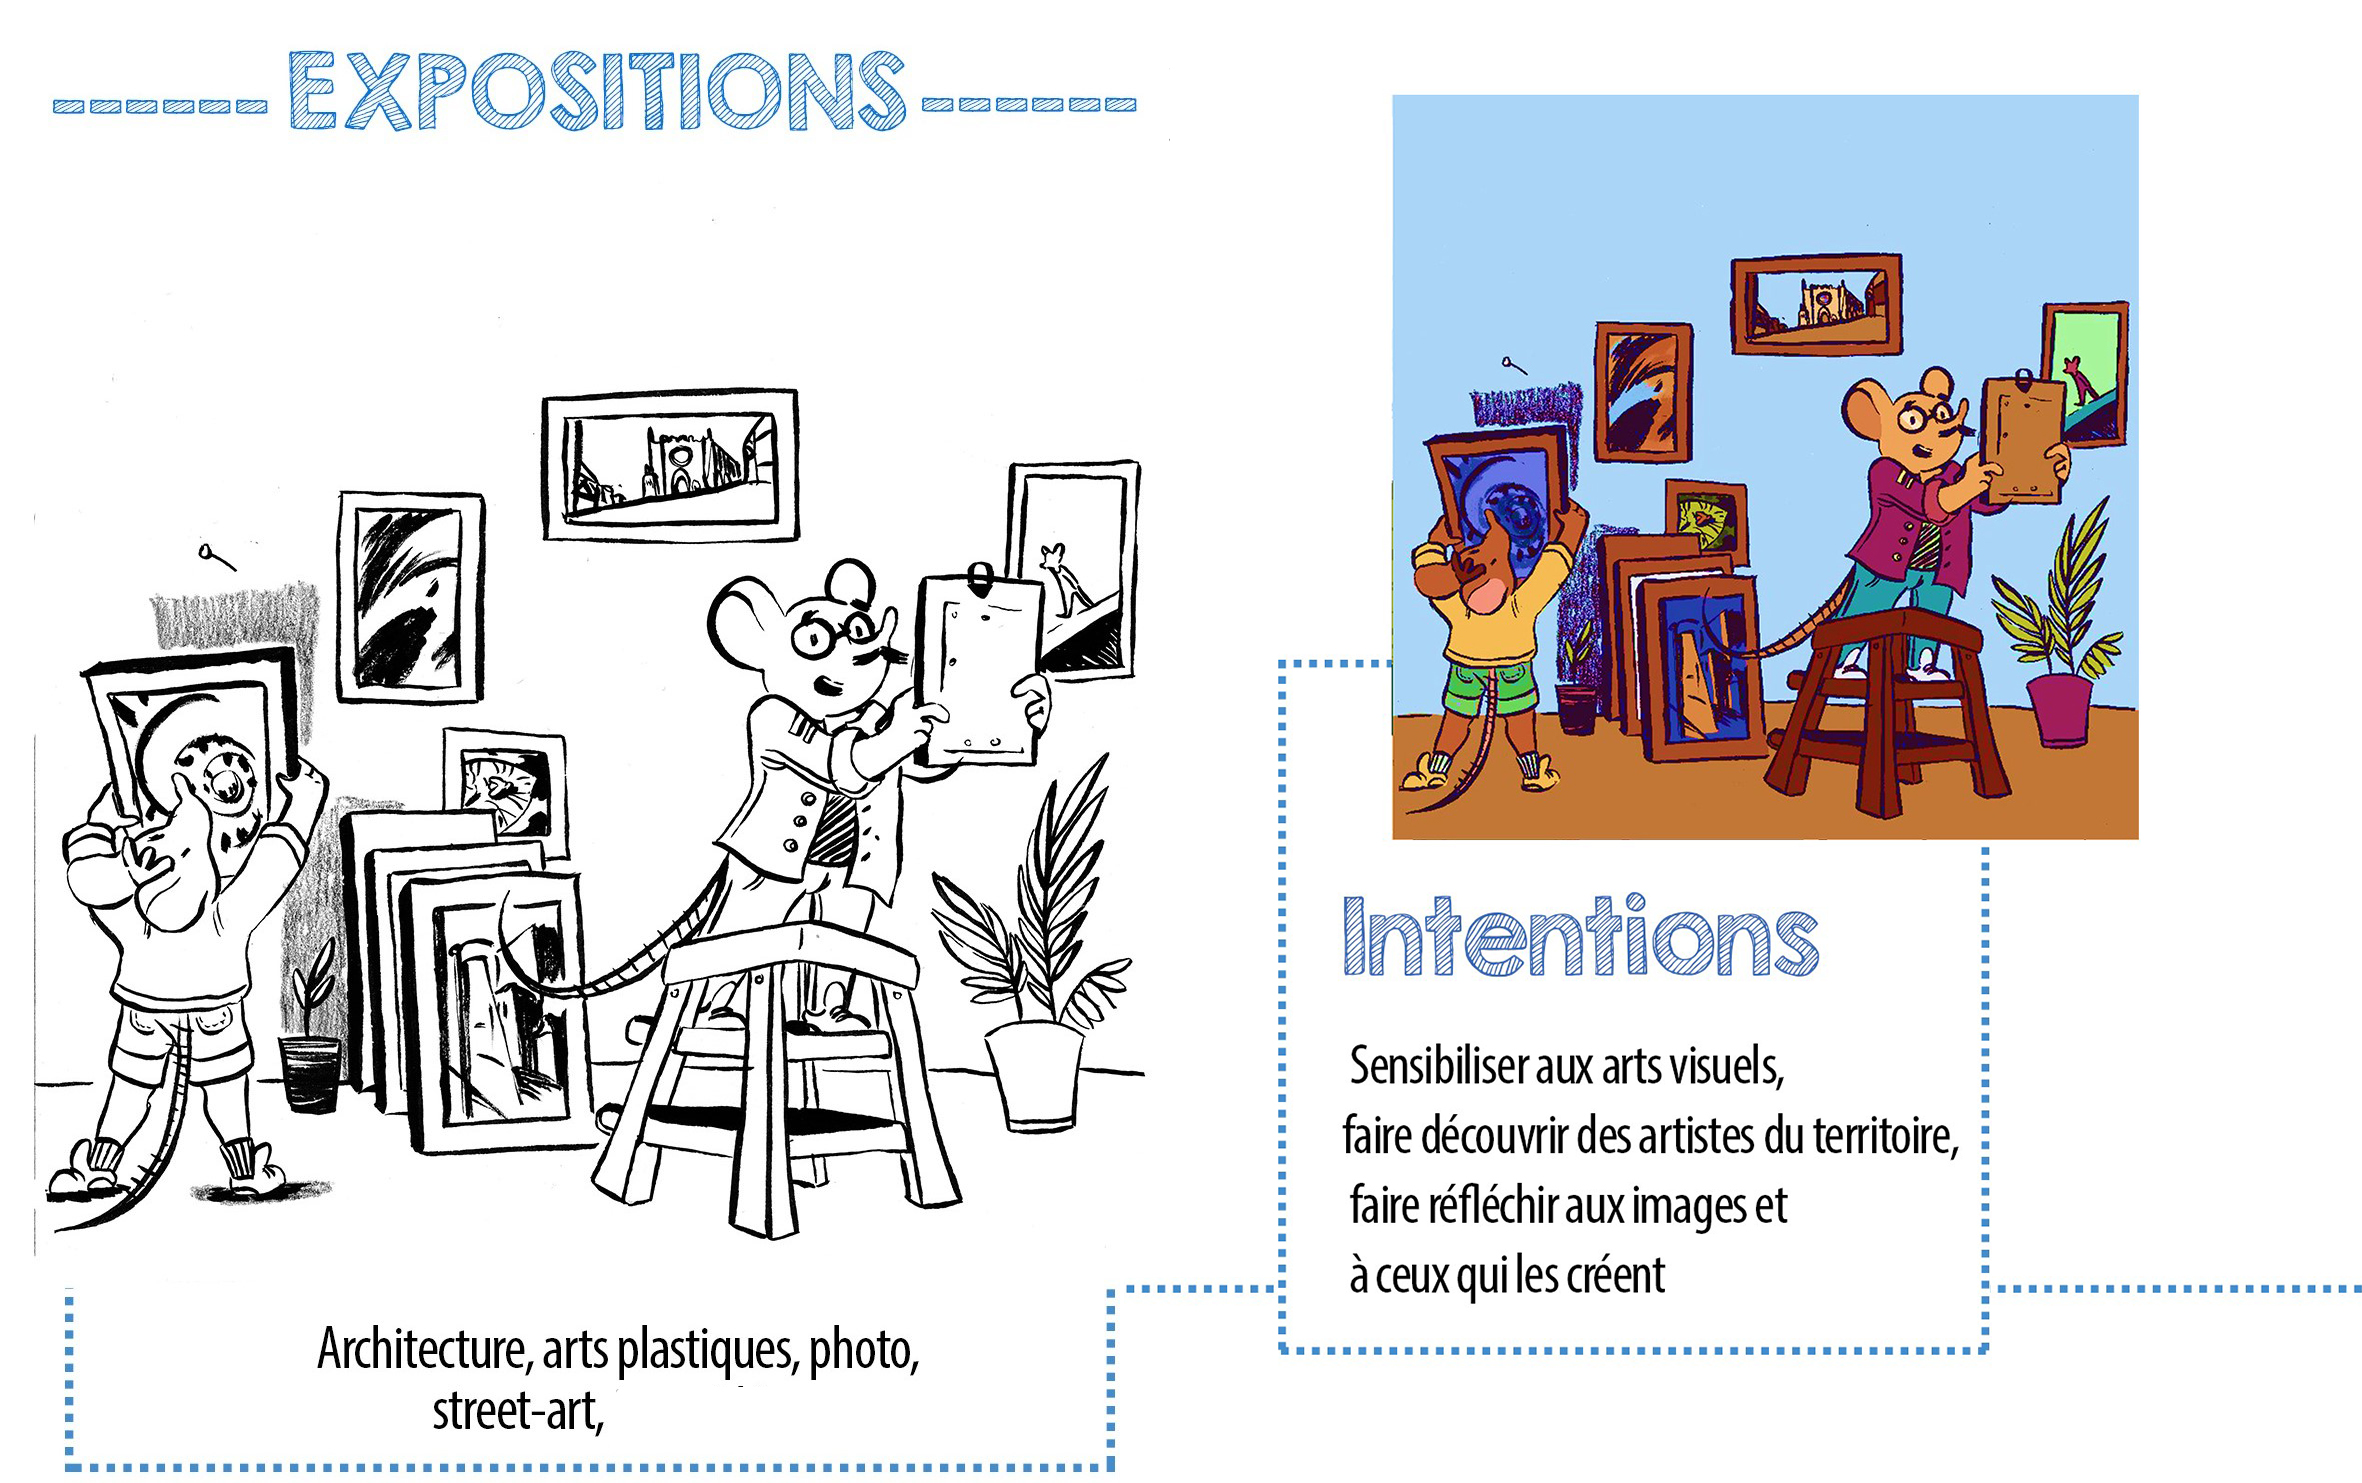 bandeau-activites-Expositions-PREFIGURATIONS-V1